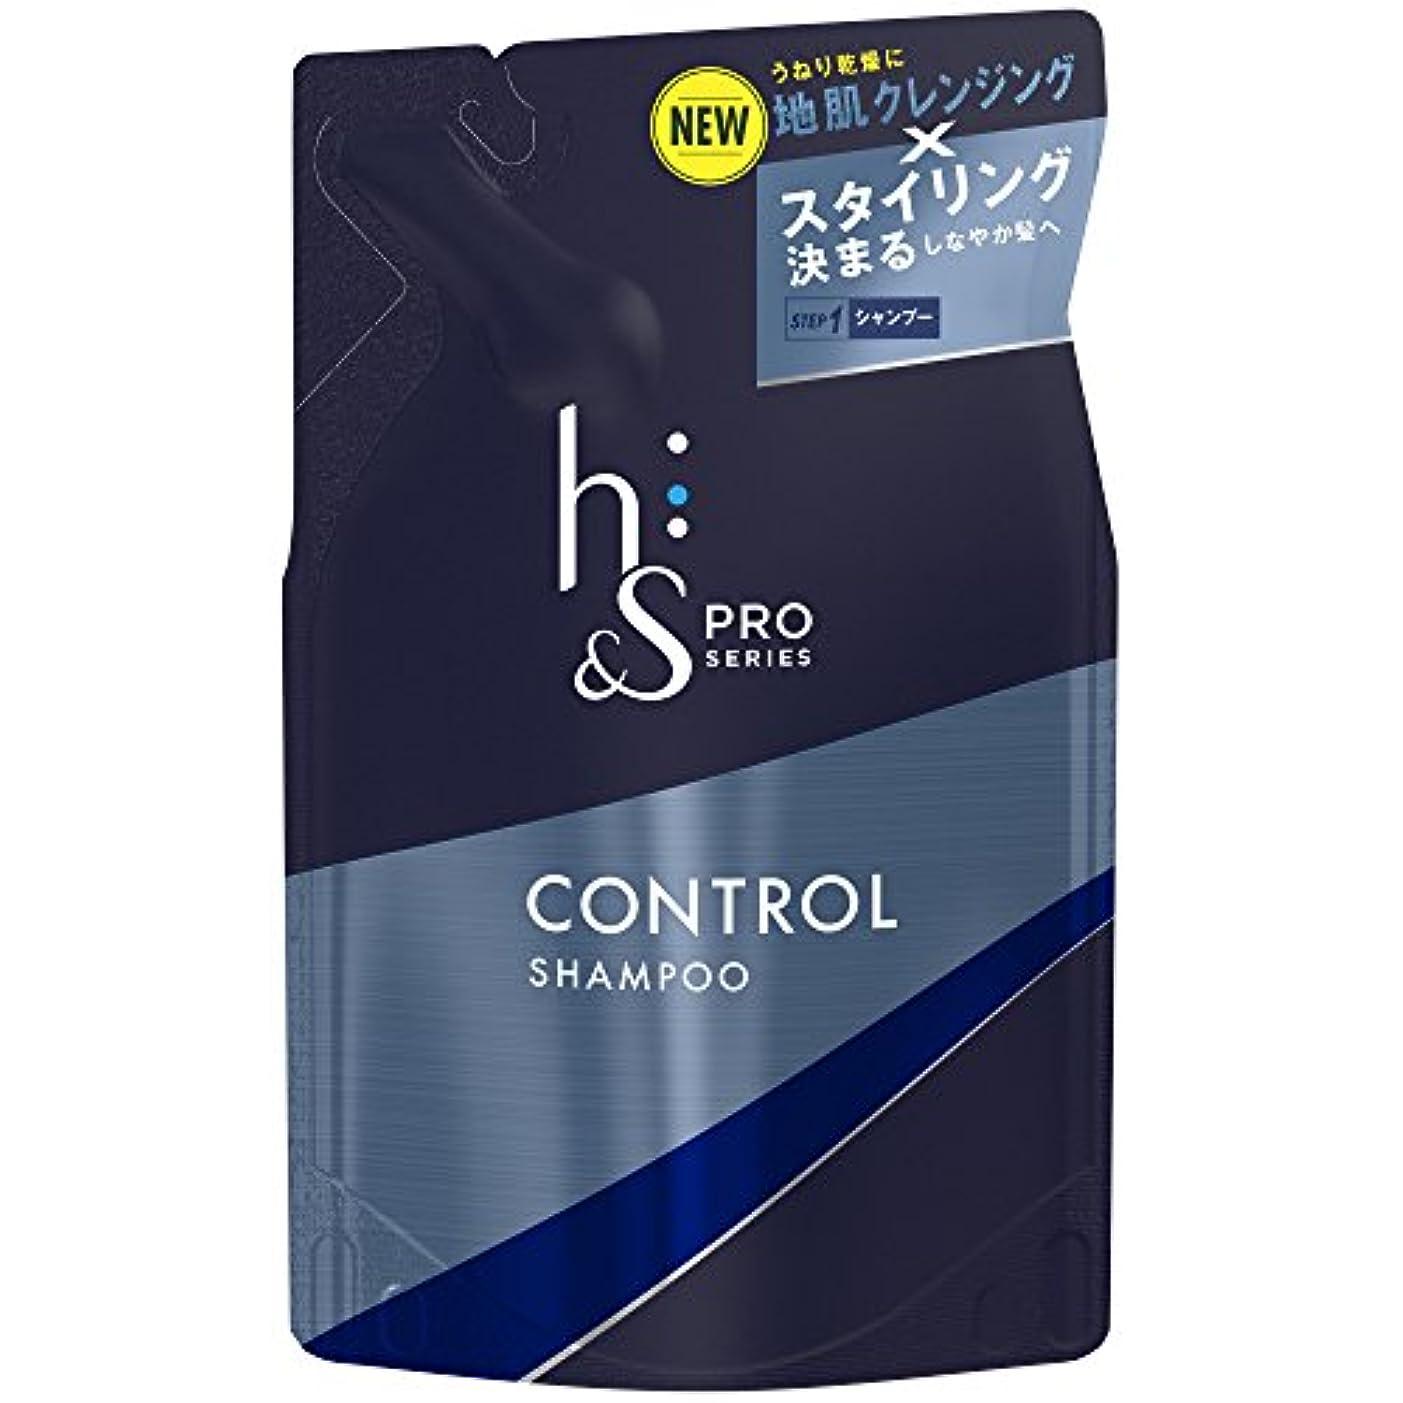 マトリックス腹痛密接にh&s シャンプー PRO Series コントロール 詰め替え 300mL